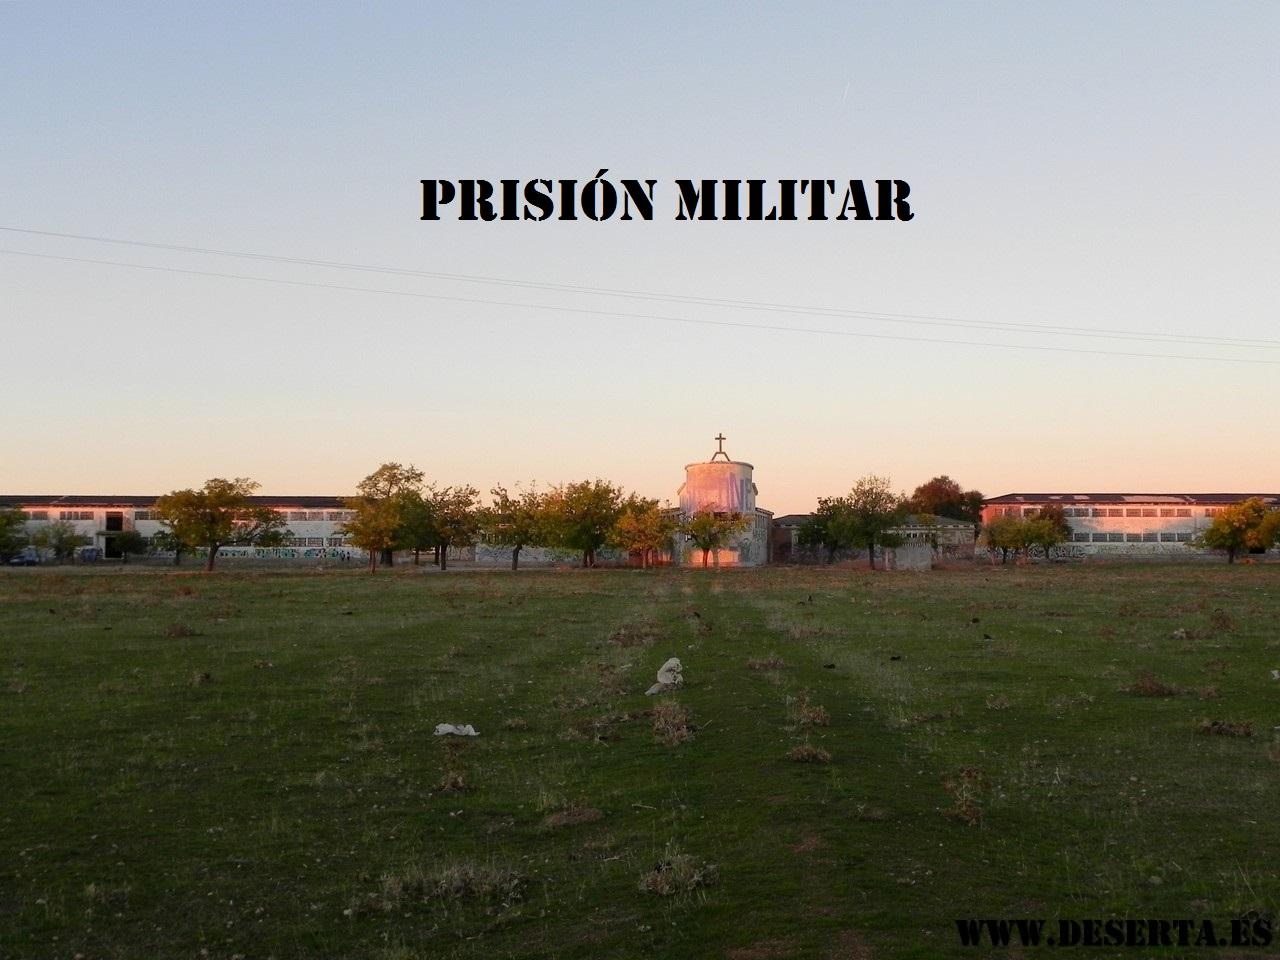 Prisión militar